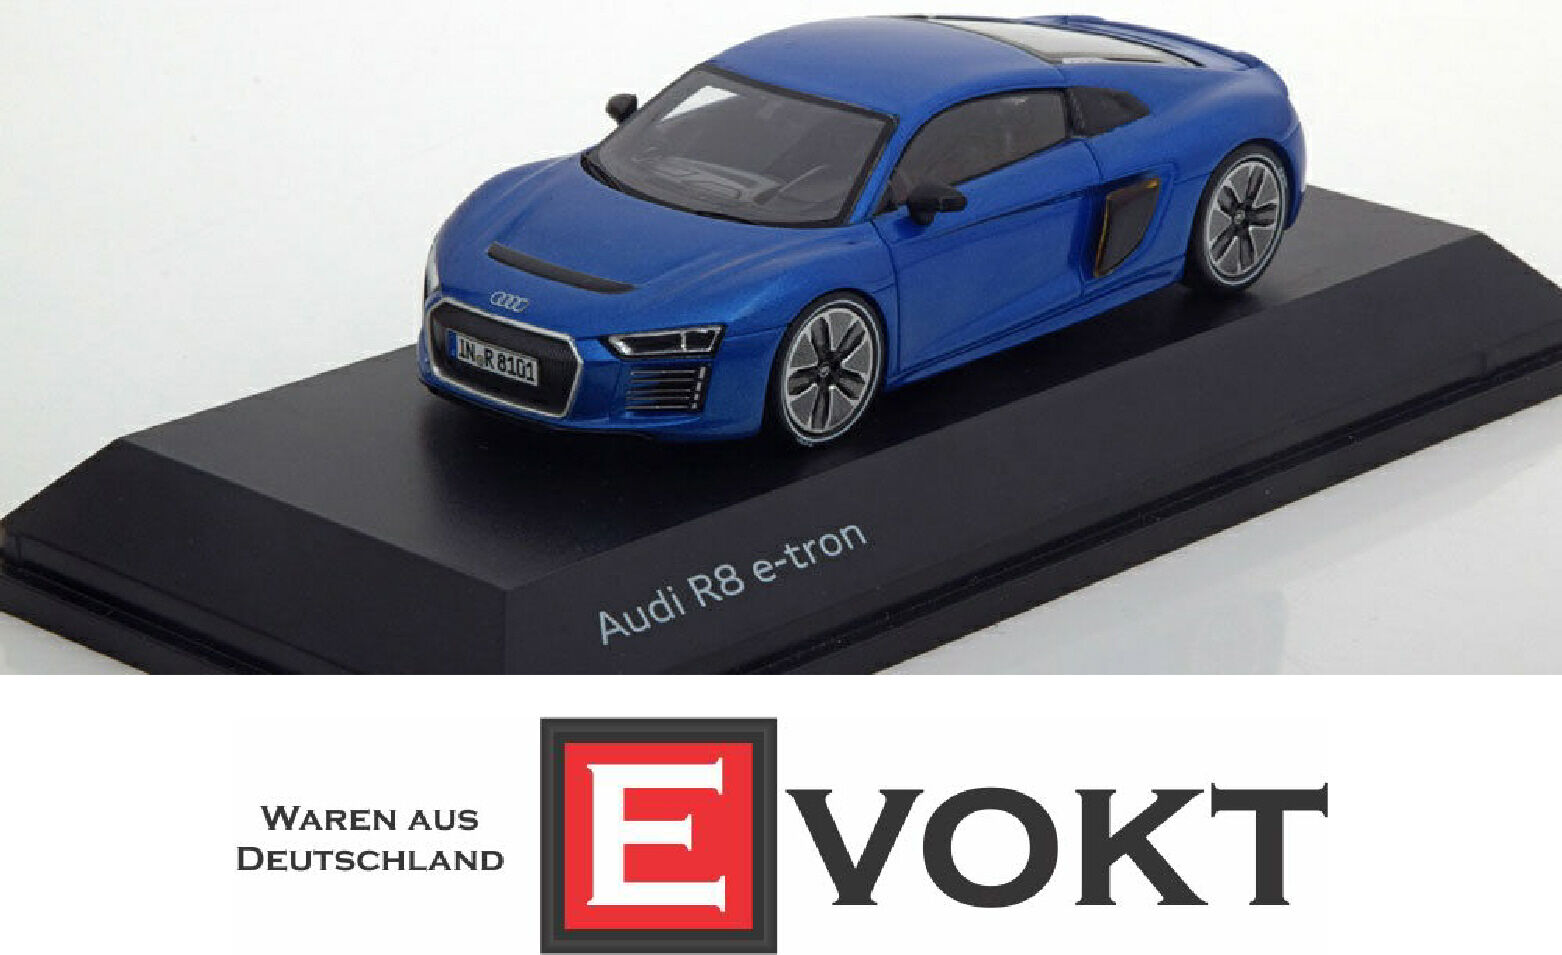 Audi R8 e-tron magnétique bleu 1 43 5011618431 Voiture Modèle Minimax Etron Bleu